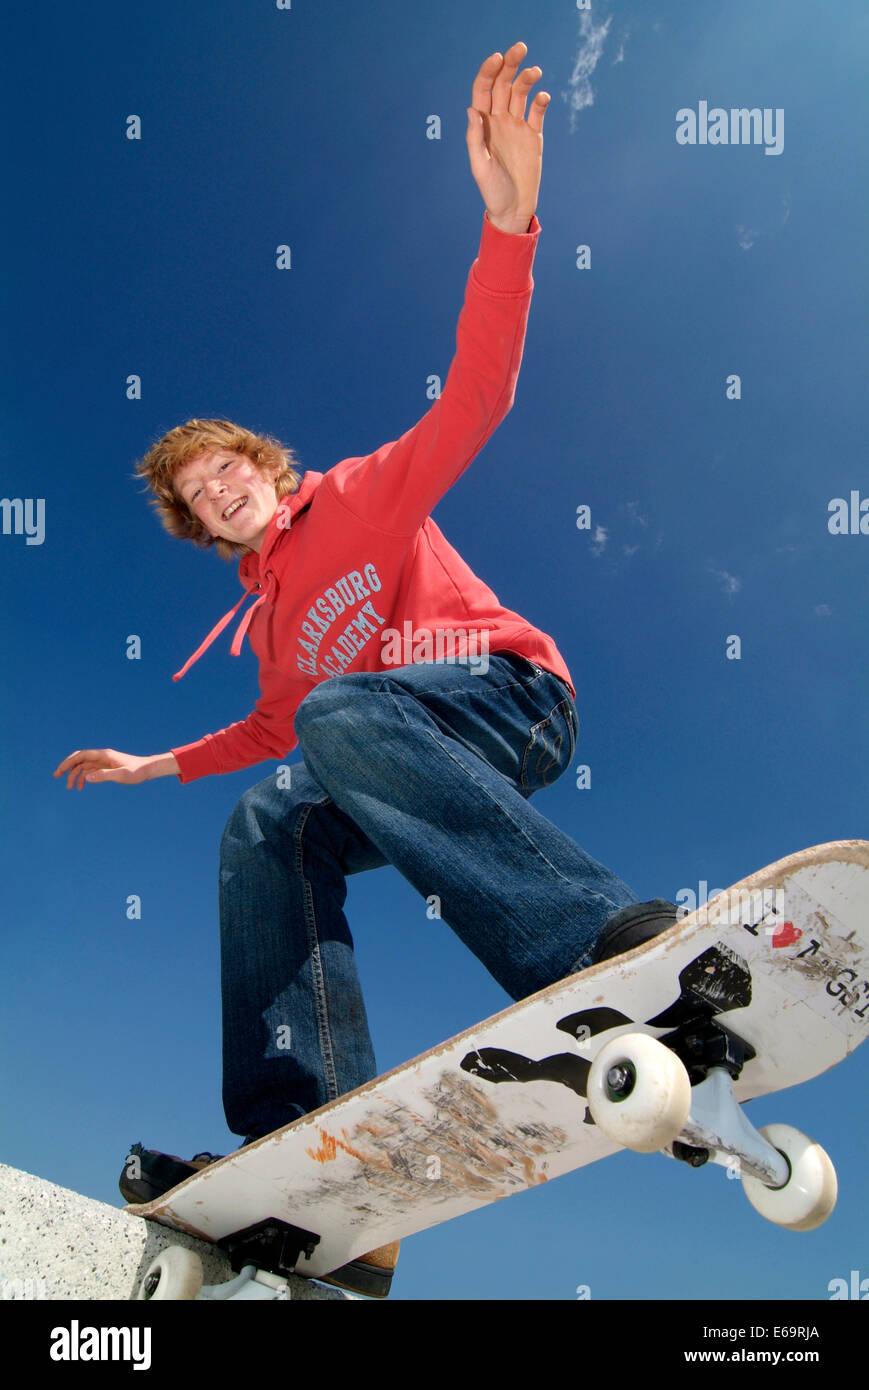 Teenager, Jugend, Kultur, Skateboard, Skaten Stockbild